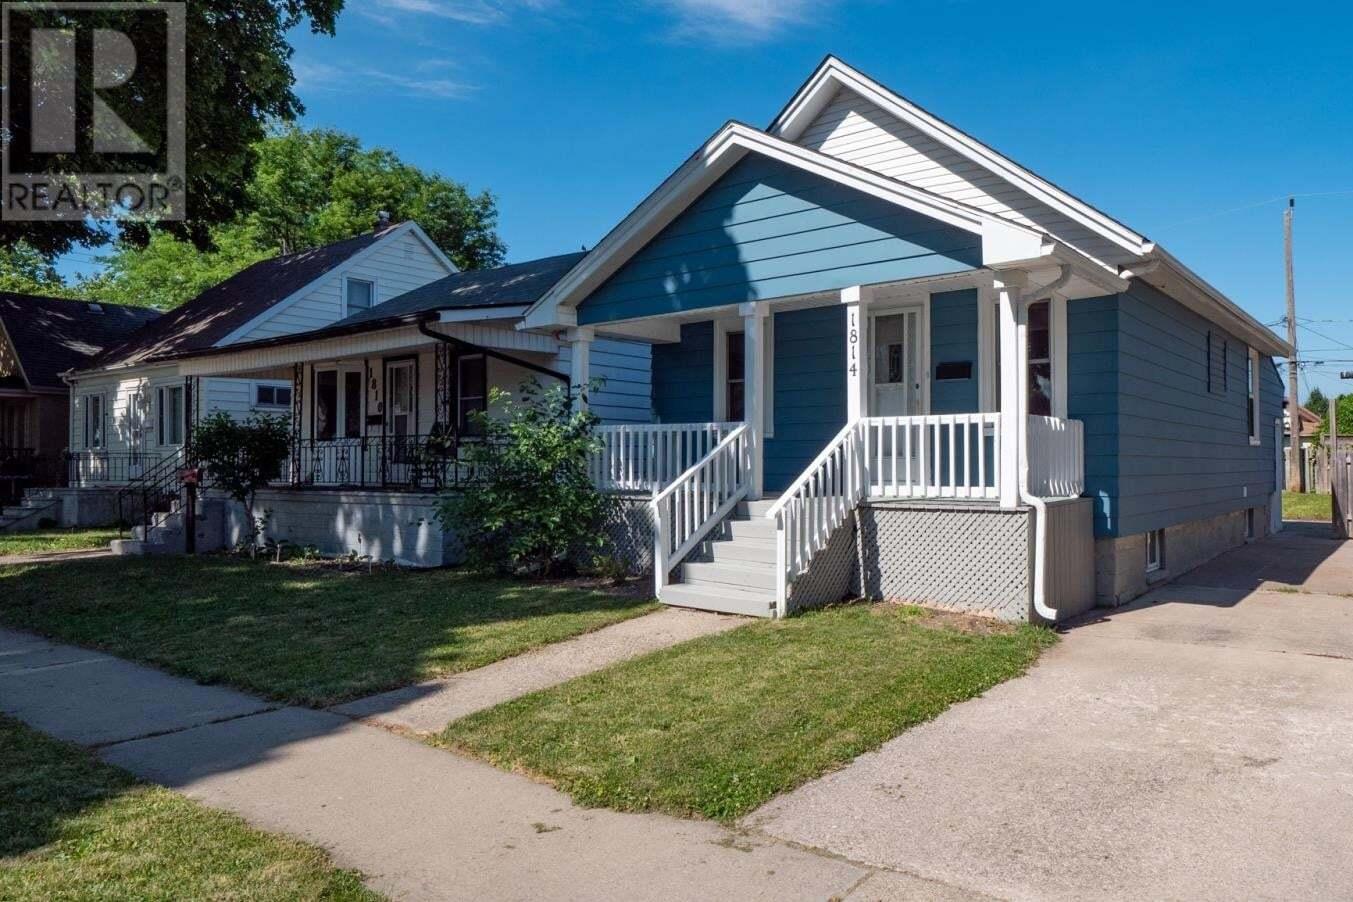 House for sale at 1814 St. Luke  Windsor Ontario - MLS: 20009603